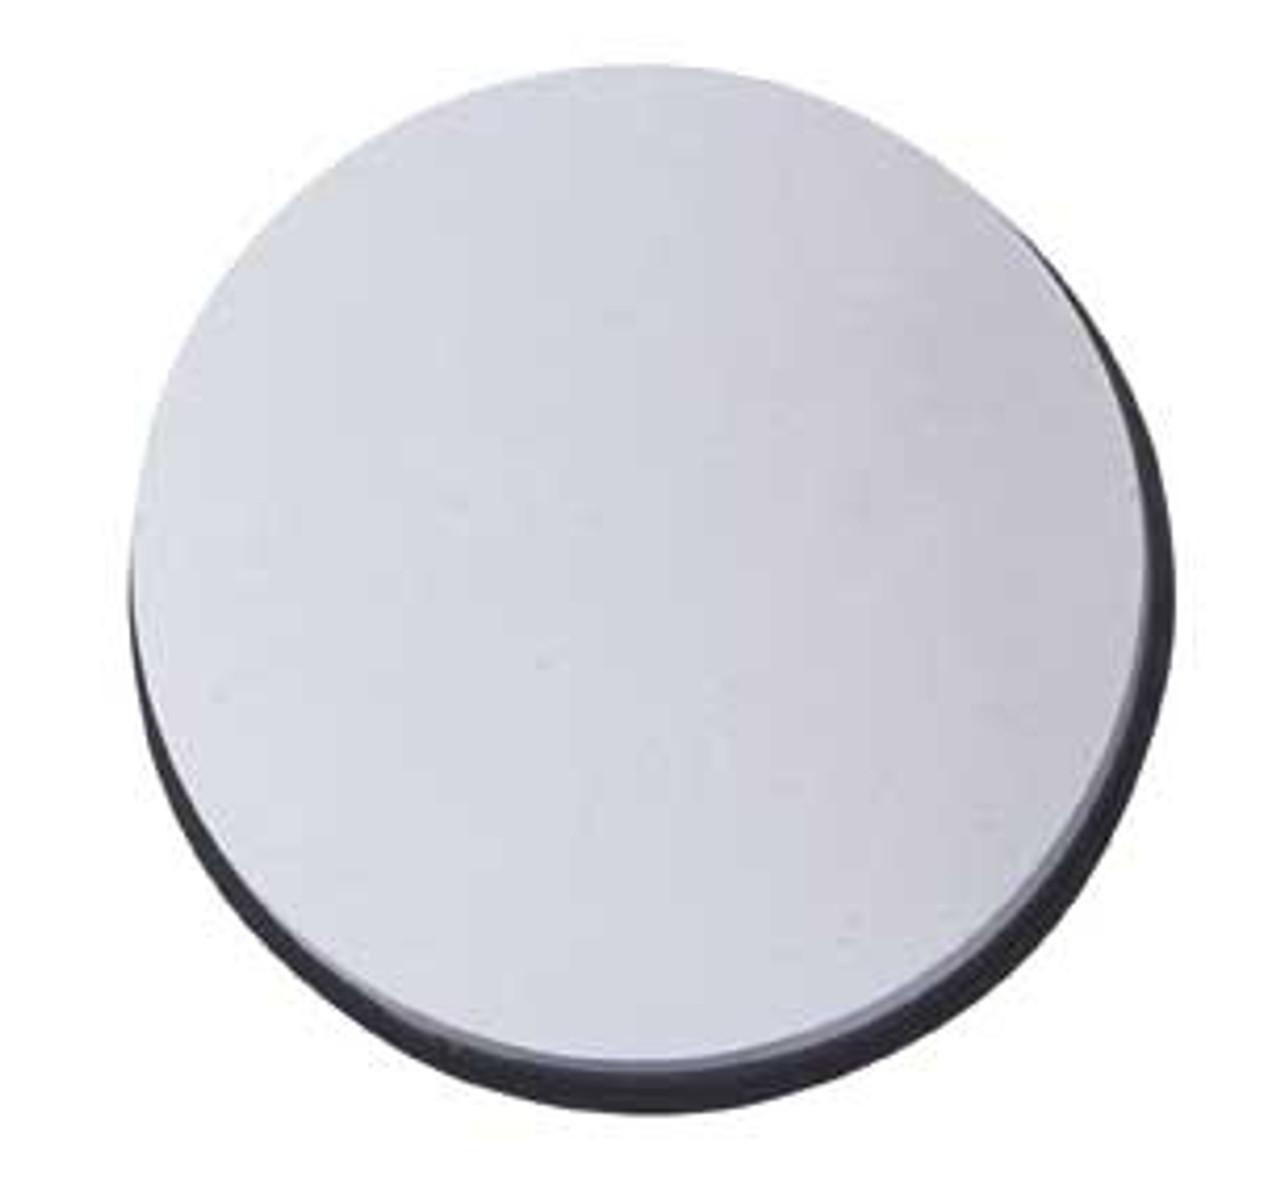 Katadyn Vario - Ceramic Disc Replacement